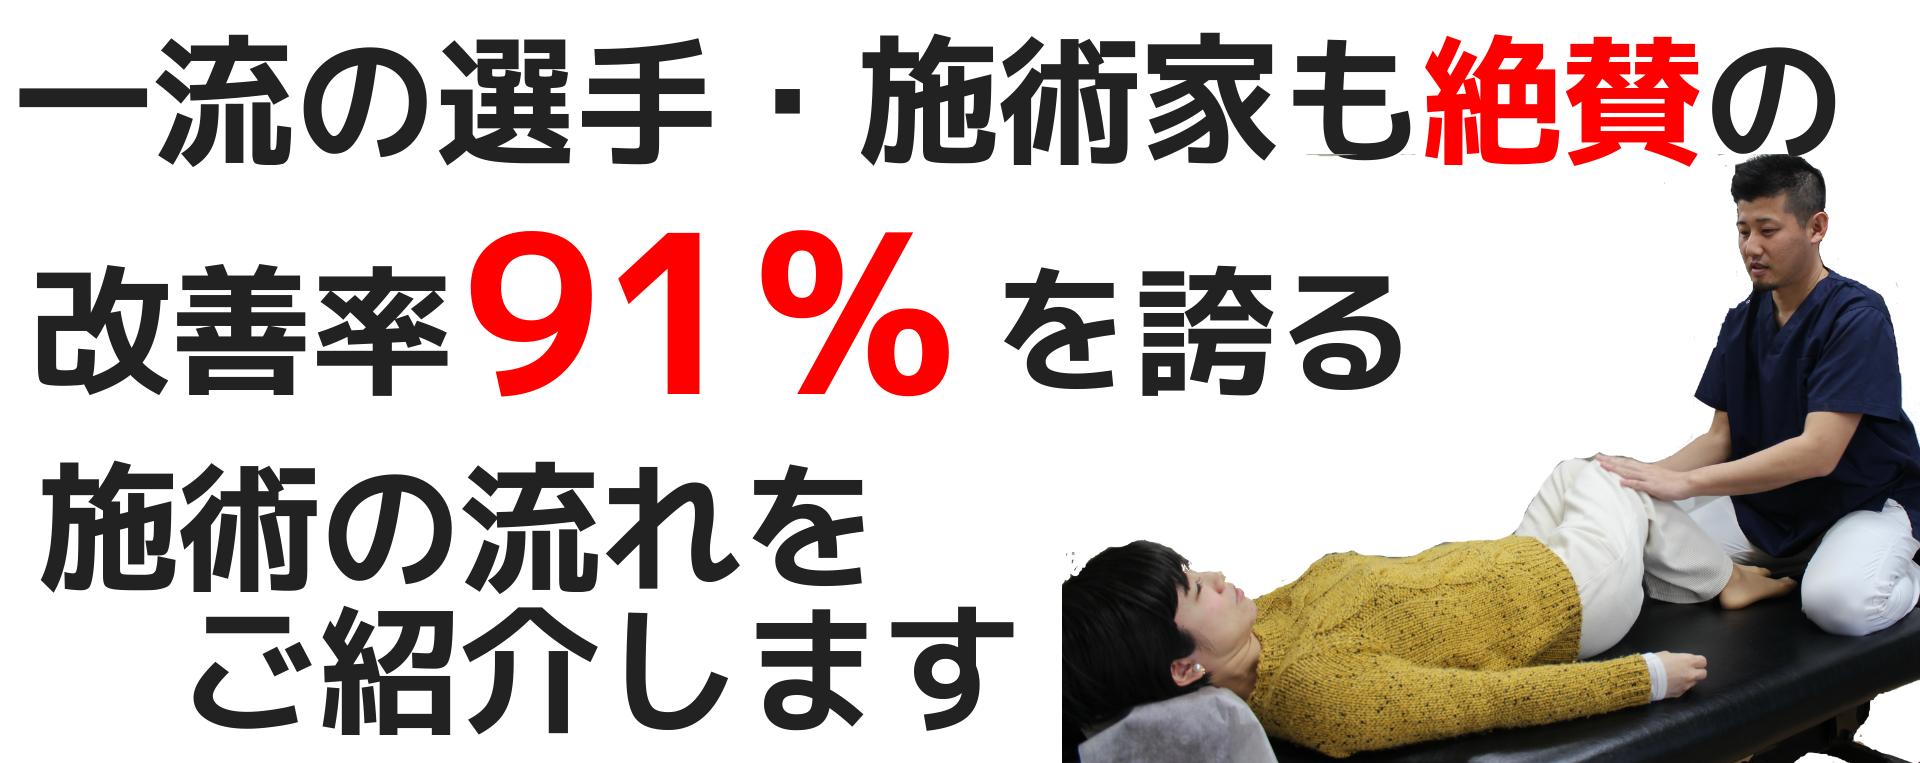 改善率91%